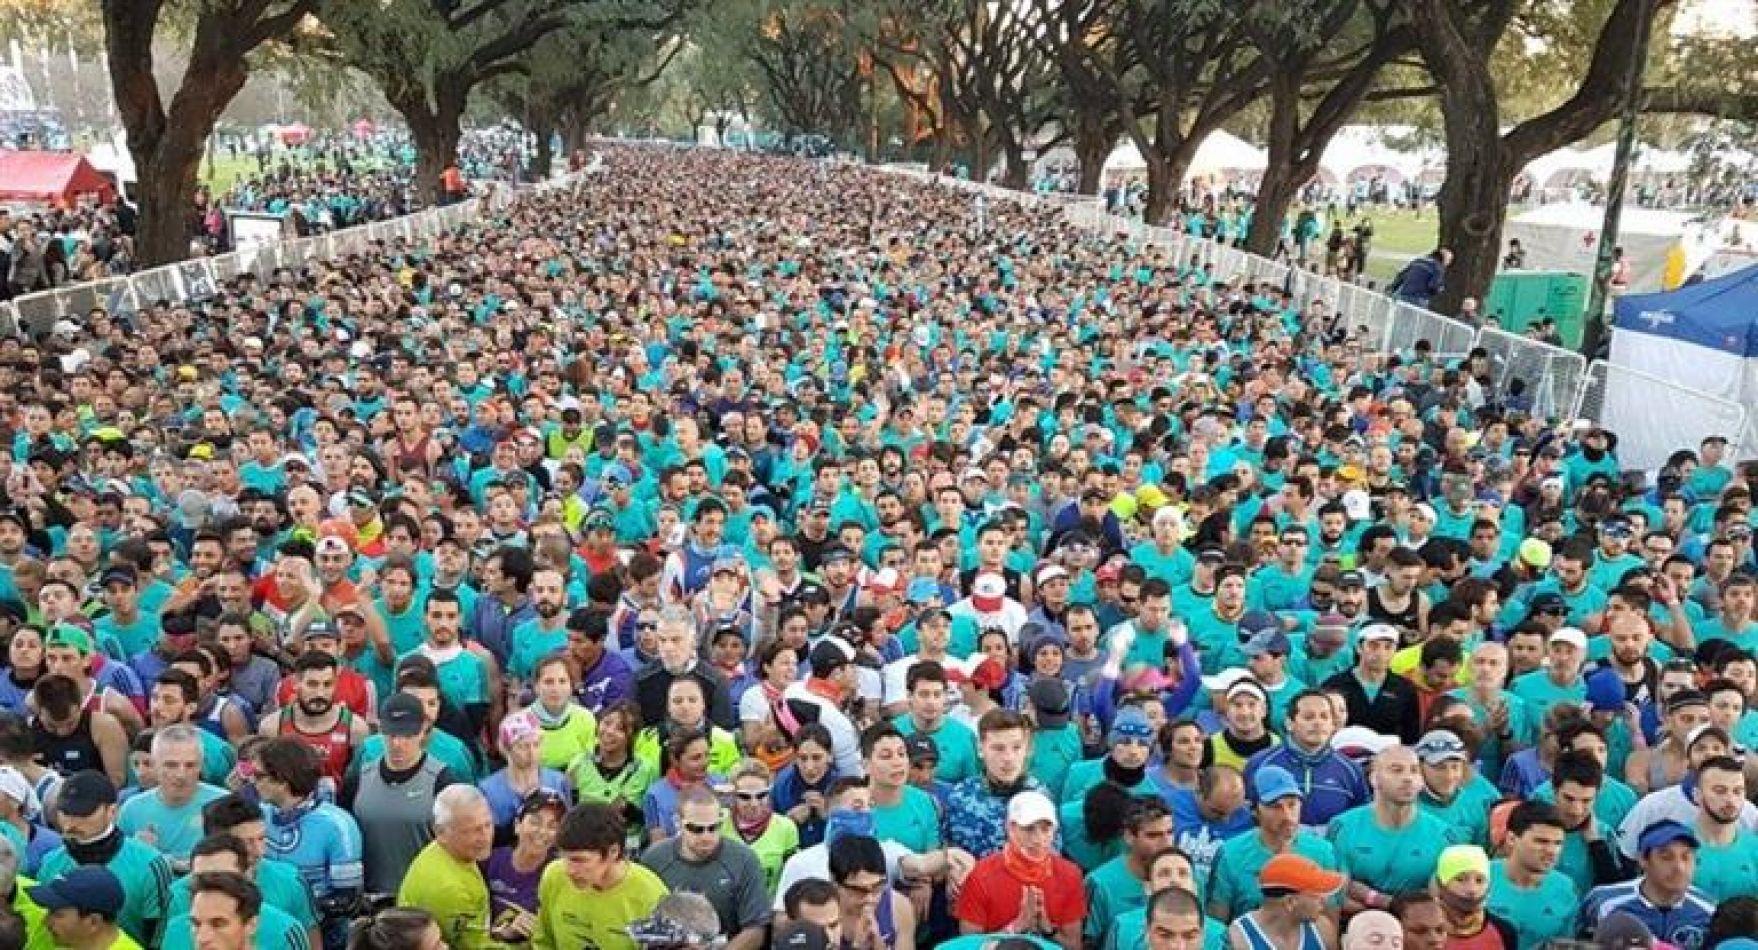 Murió un hombre de 55 años que participó de la media maratón de Buenos Aires